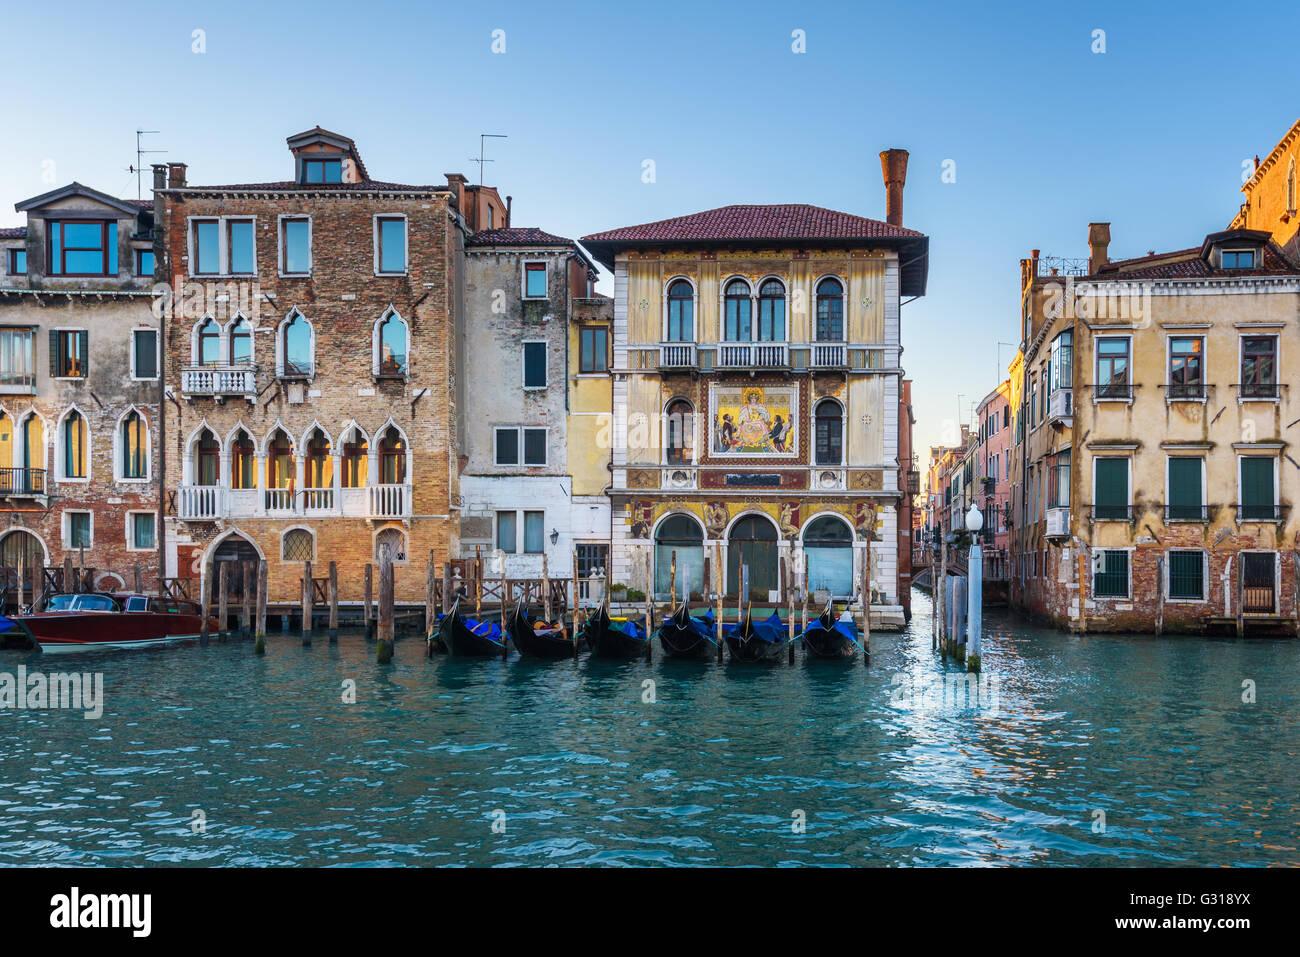 Les canaux d'eau plus grandes attractions touristiques en Italie, Venise. Photo Stock